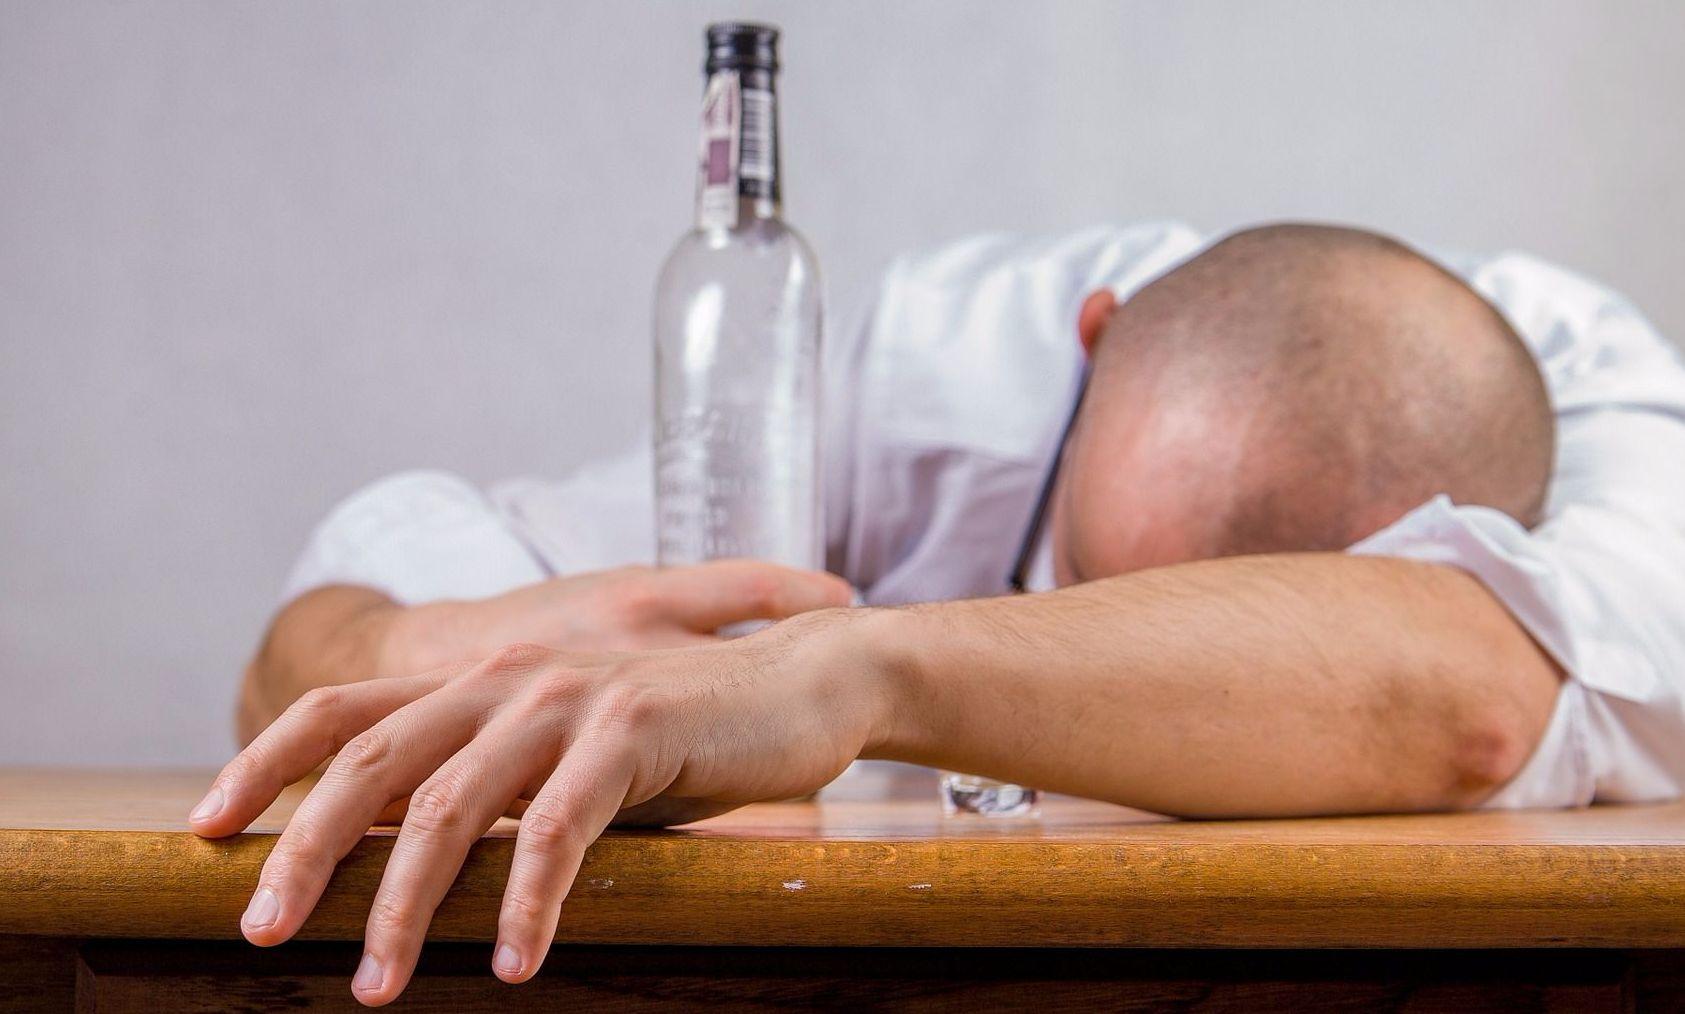 Алкоголизм можно победить с помощью стволовых клеток